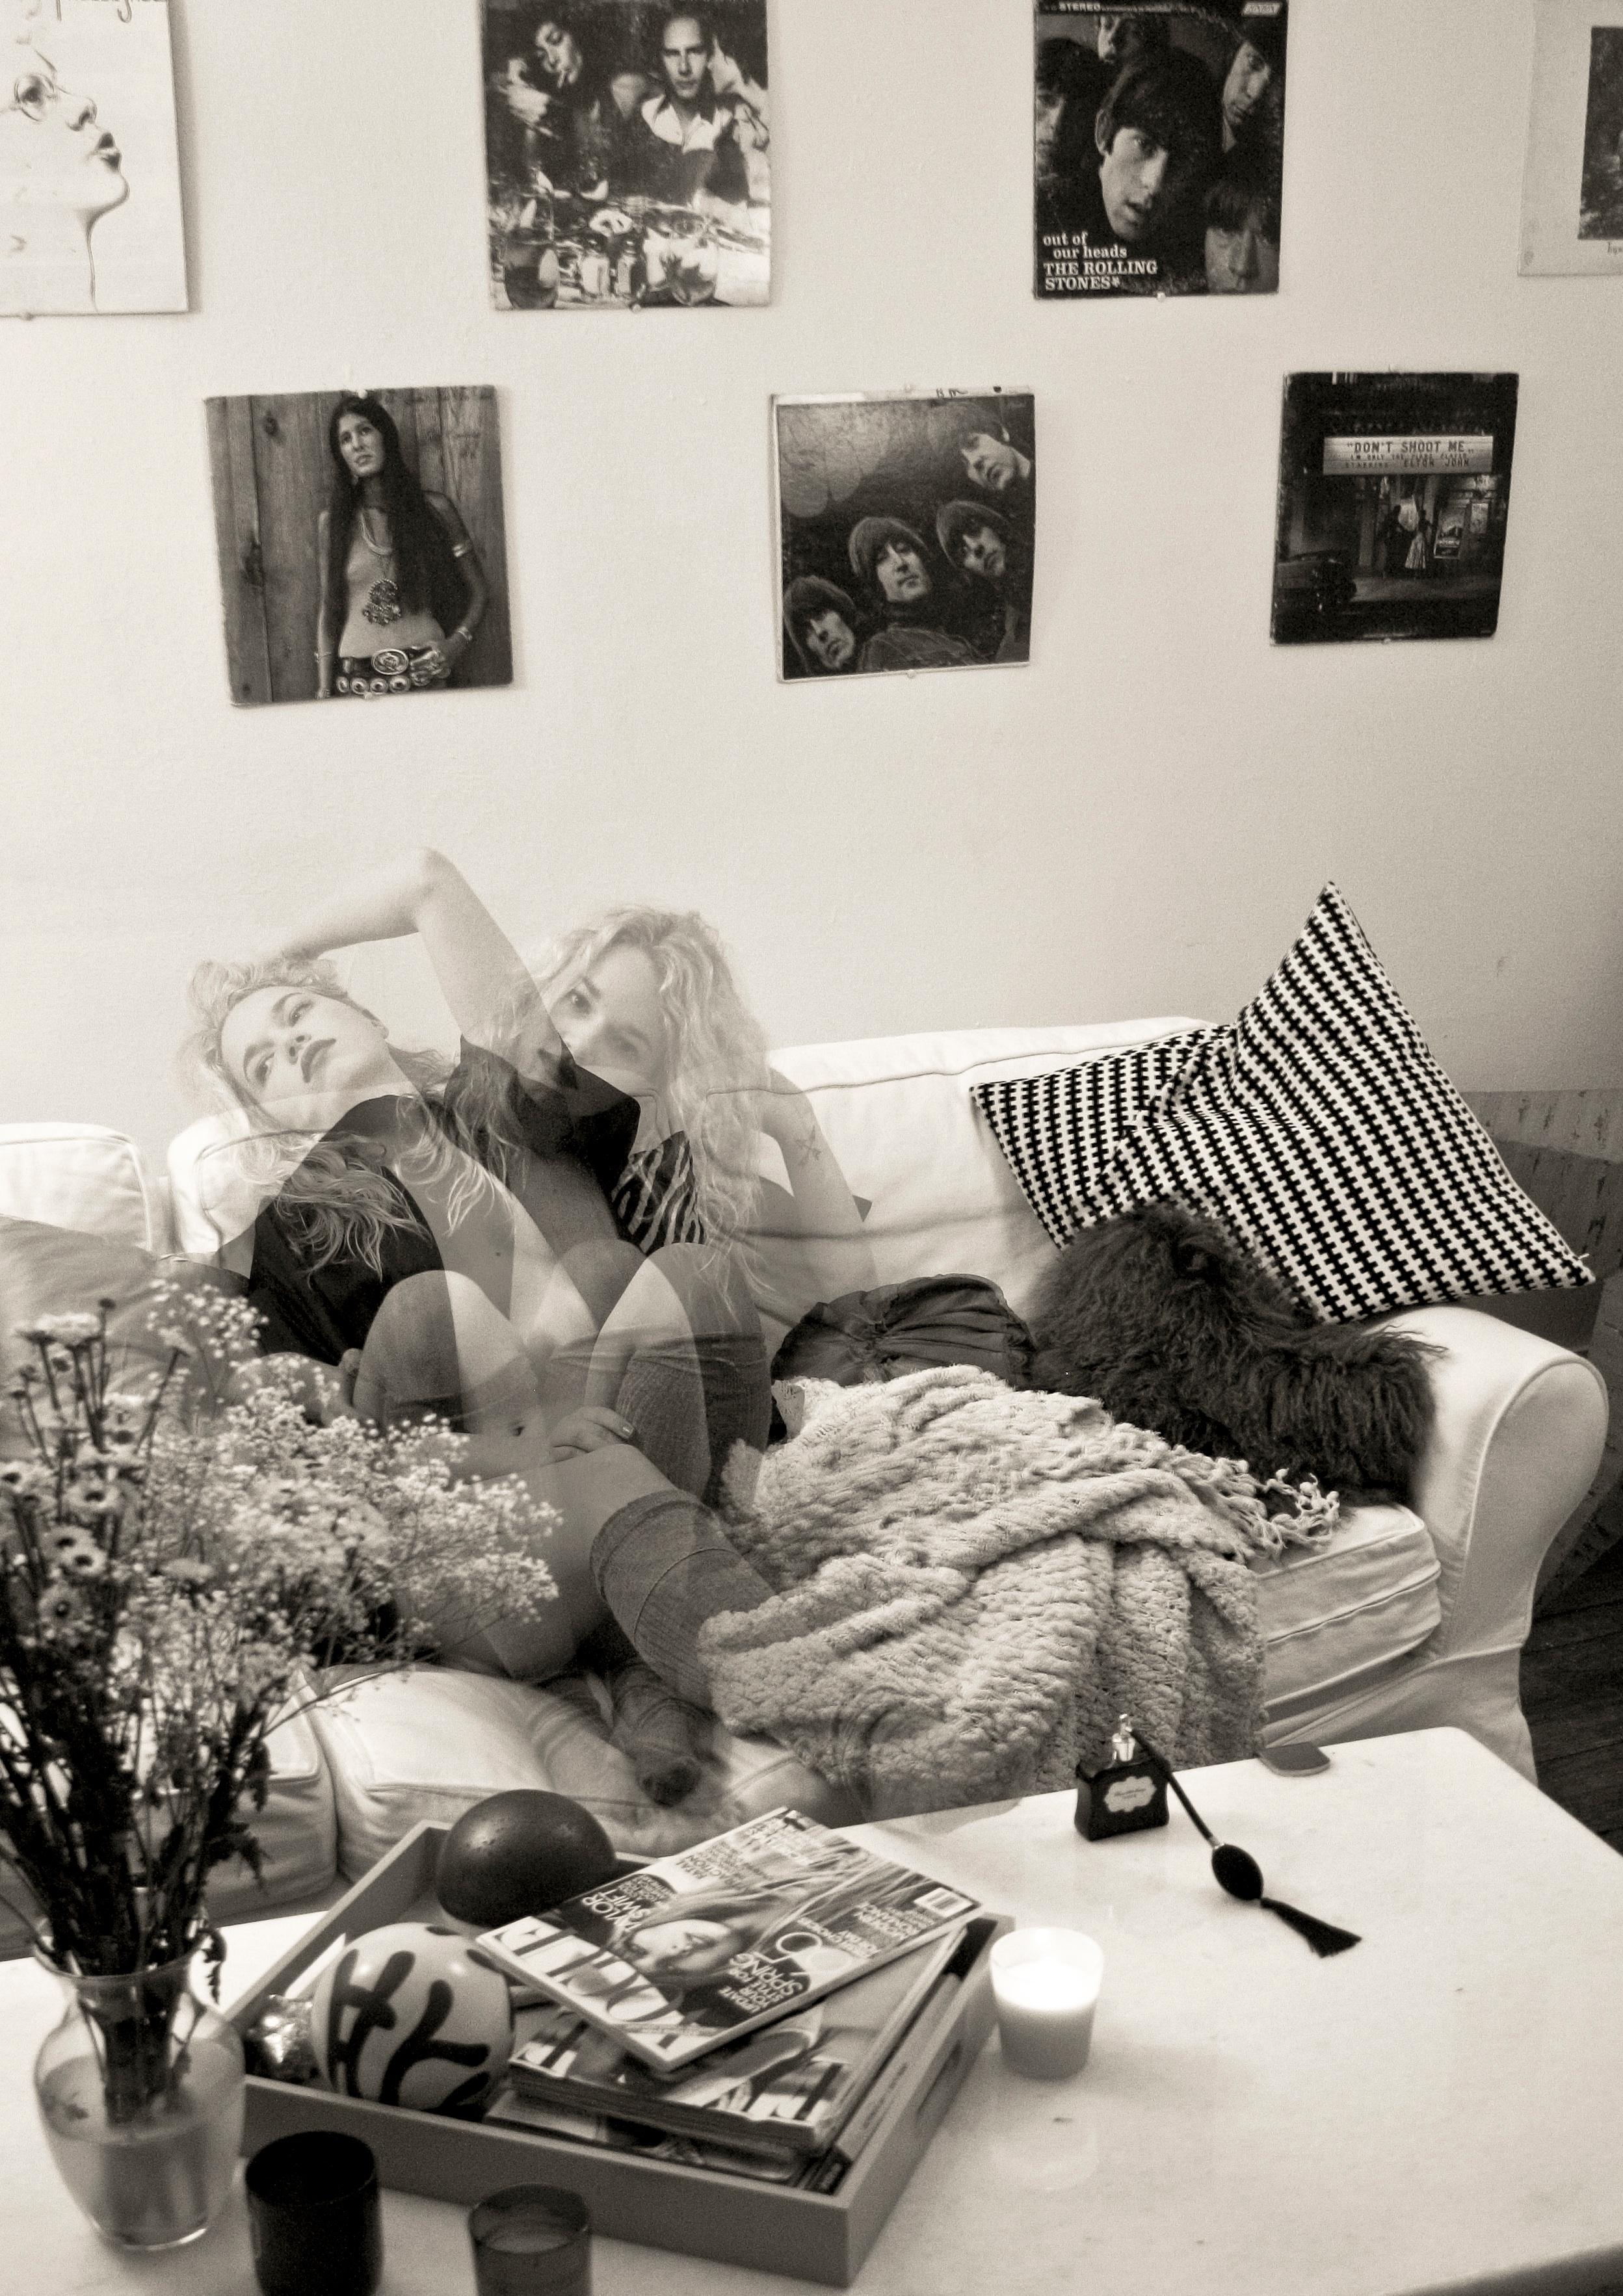 Gratis Afbeeldingen : zwart en wit, woonkamer, meubilair, kamer ...